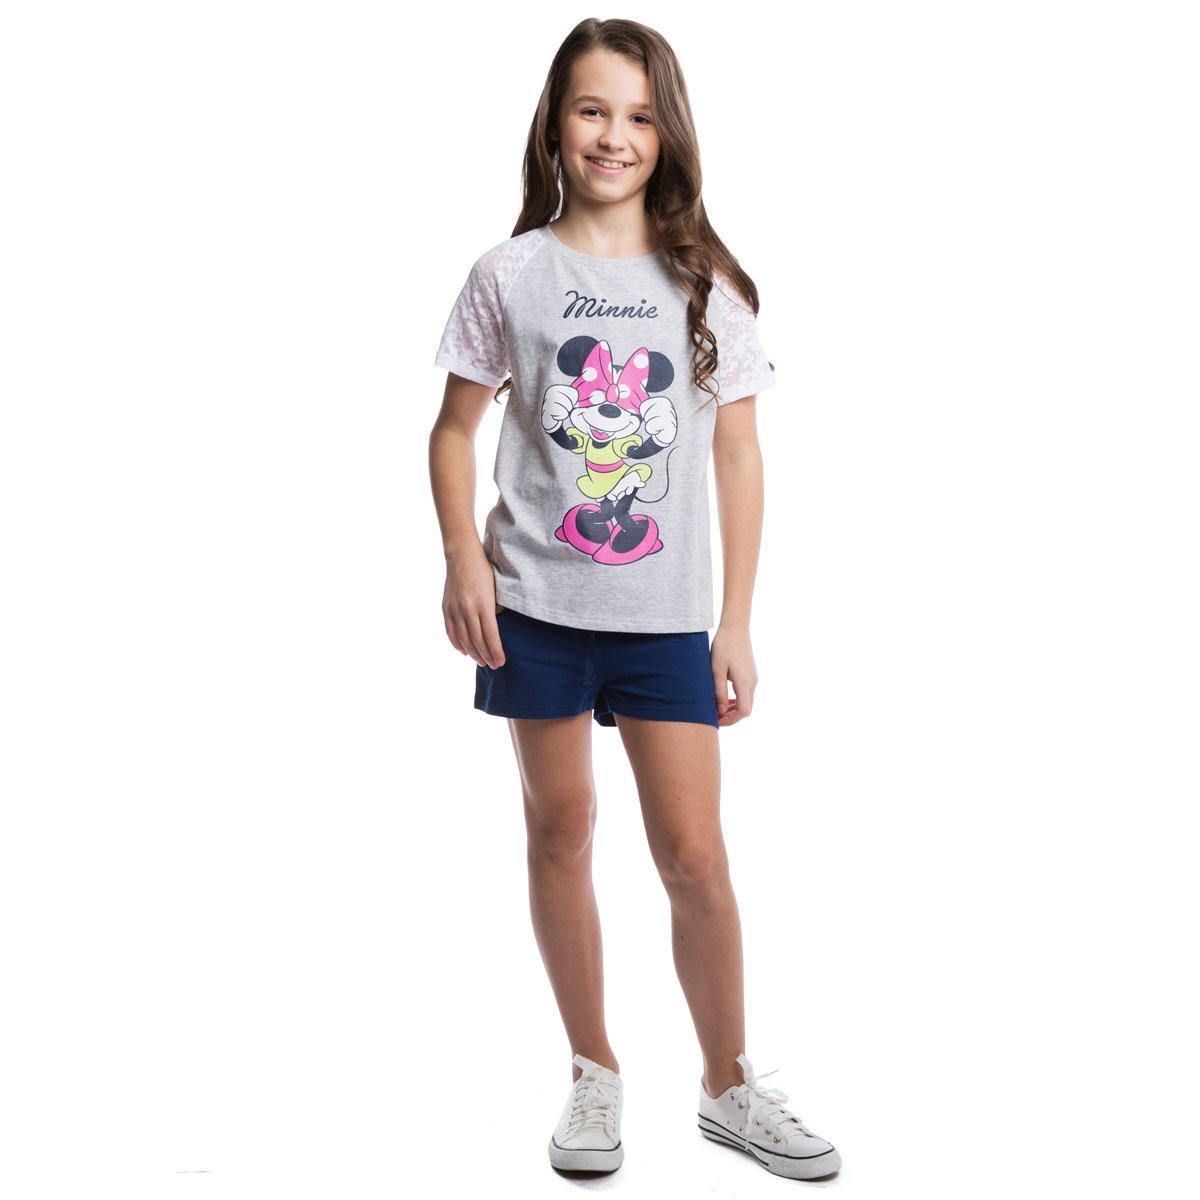 964002Стильная футболка оригинального кроя. Рукава и спинка выполнены из материала контрастного цвета с эффектом вытравки. По всей длине спинке располагается молния. Модель оформлена принтом с изображением Минни Маус.